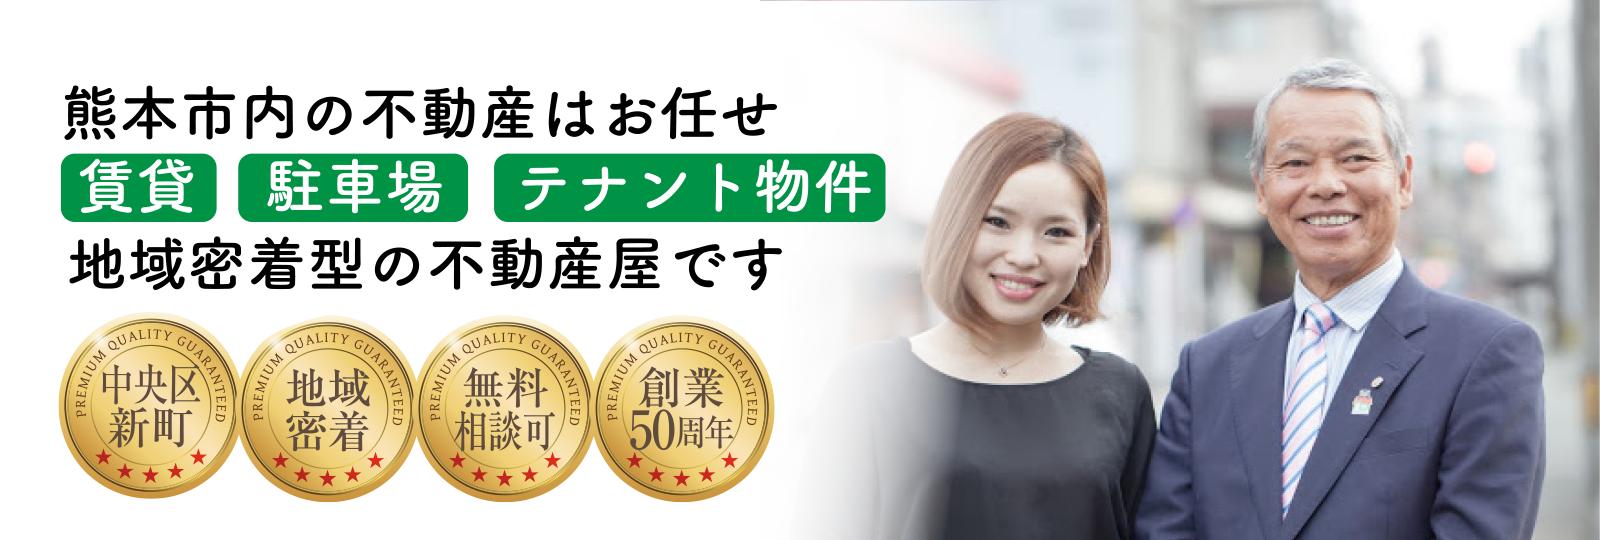 熊本中央区新町の不動産・賃貸・駐車場・テナント物件は金峰不動産 メインビジュアル